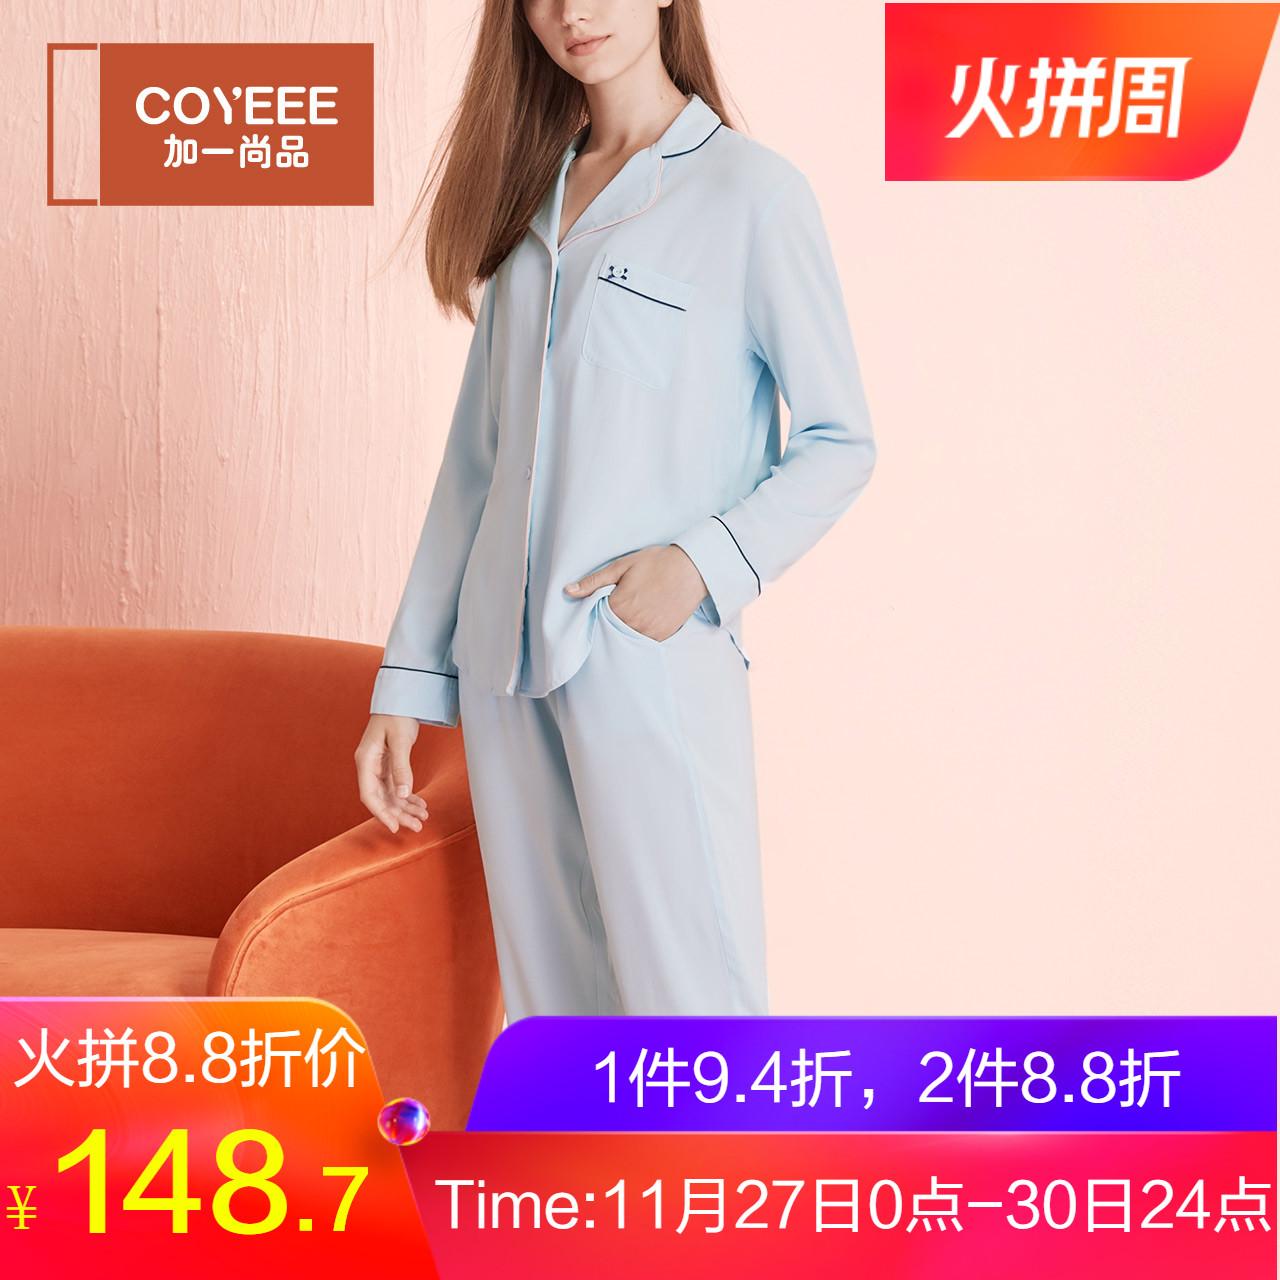 加一尚品睡衣女秋季 可外穿长袖长裤舒适韩版清新家居服套装H47